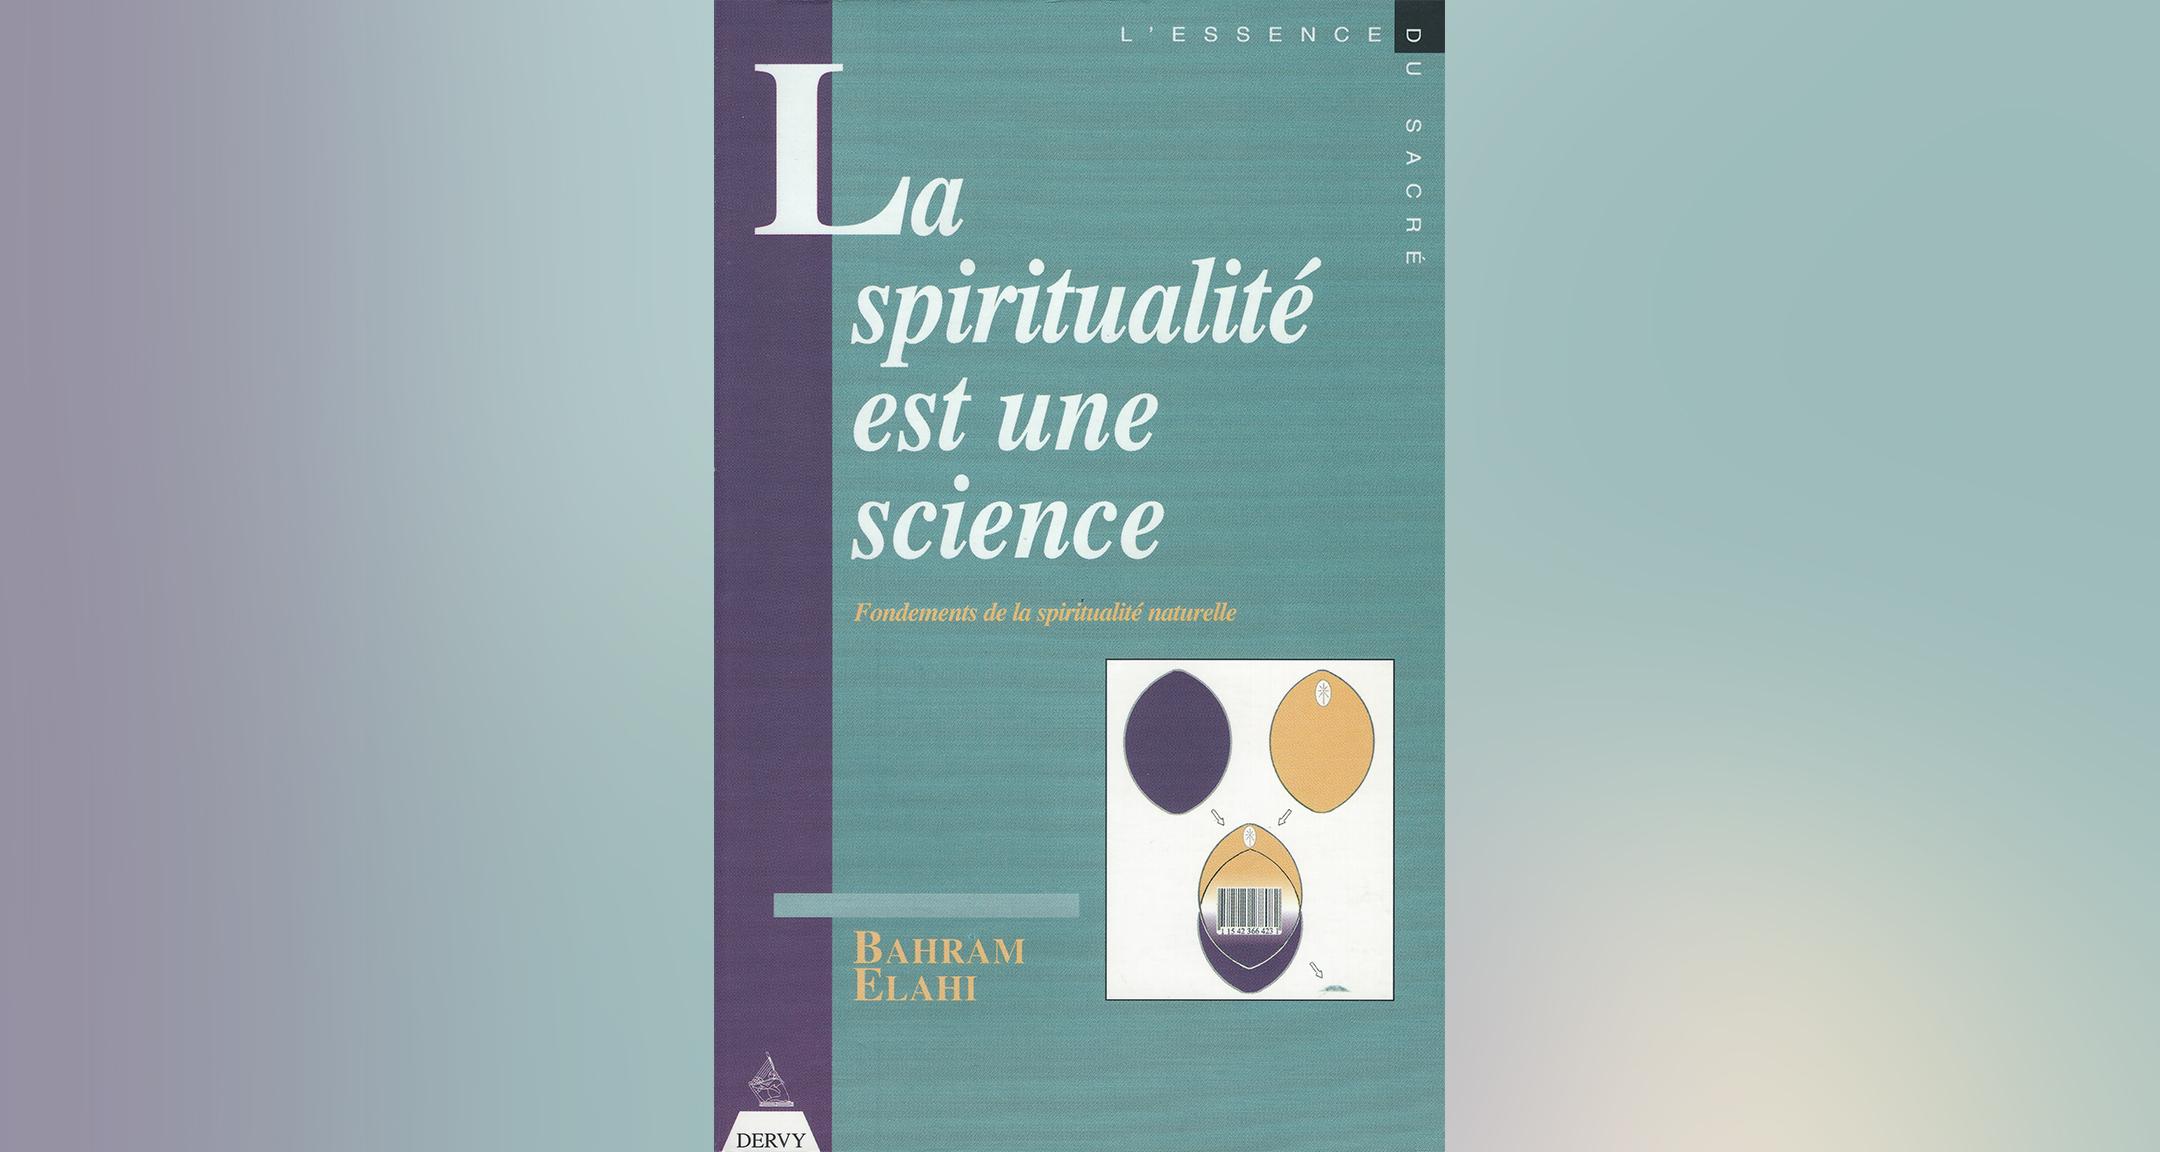 La spiritualité est une science